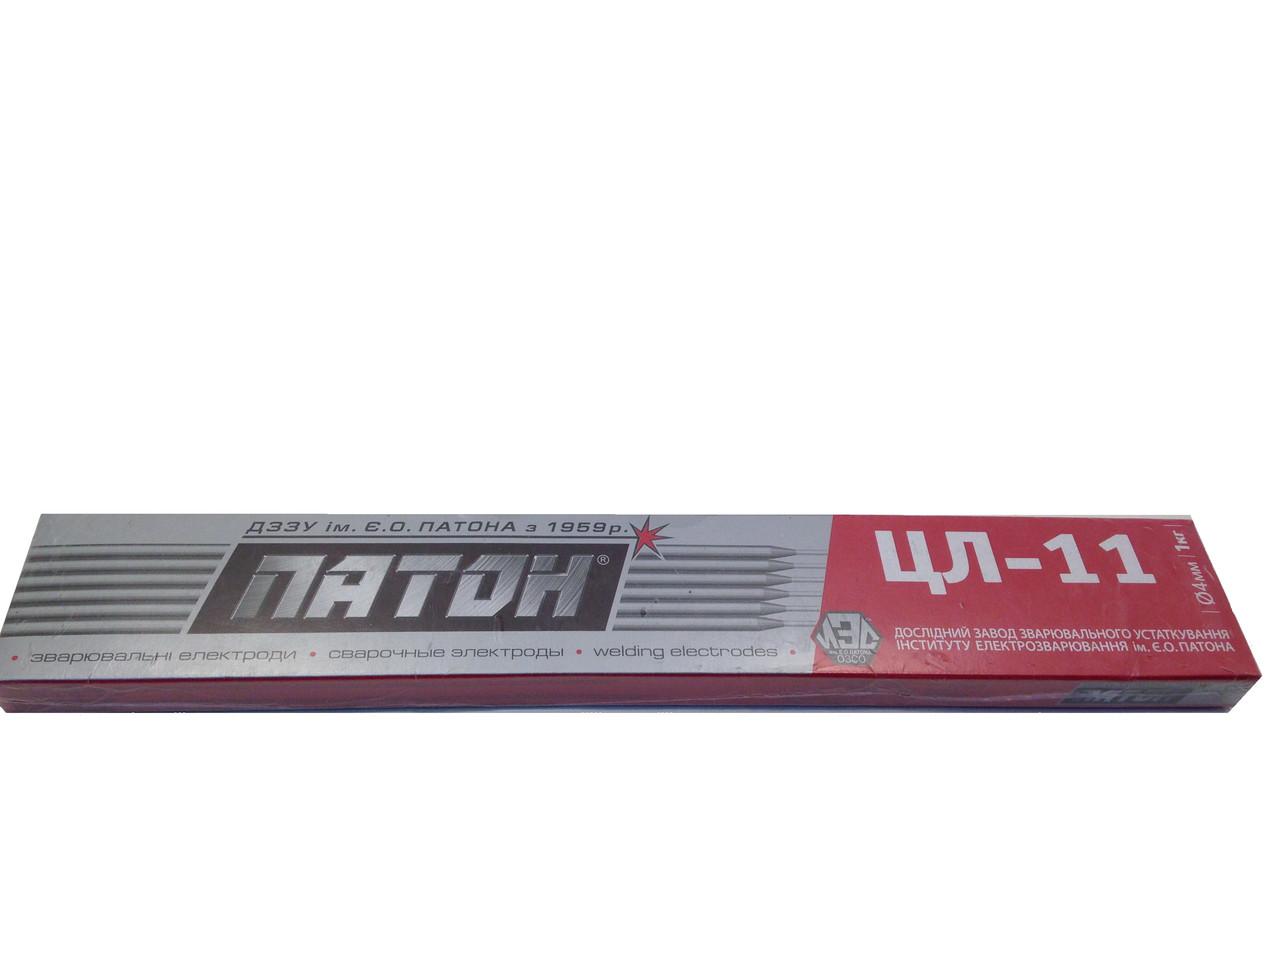 Зварювальні електроди ЦЛ-11 ПАТОН, ф4мм/1кг